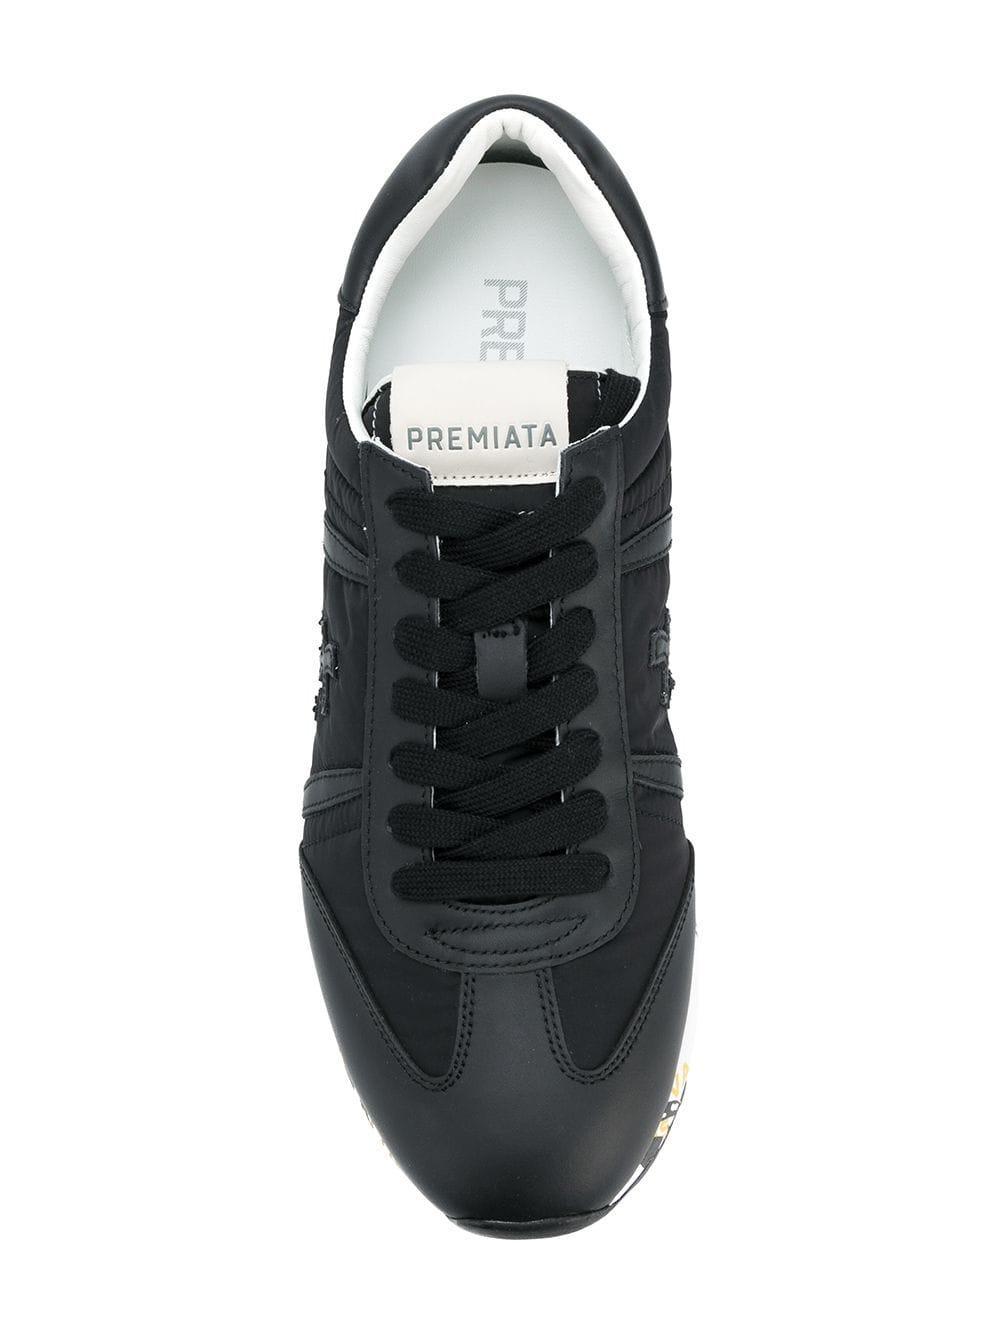 Premiata Leer Sneakers in het Zwart voor heren